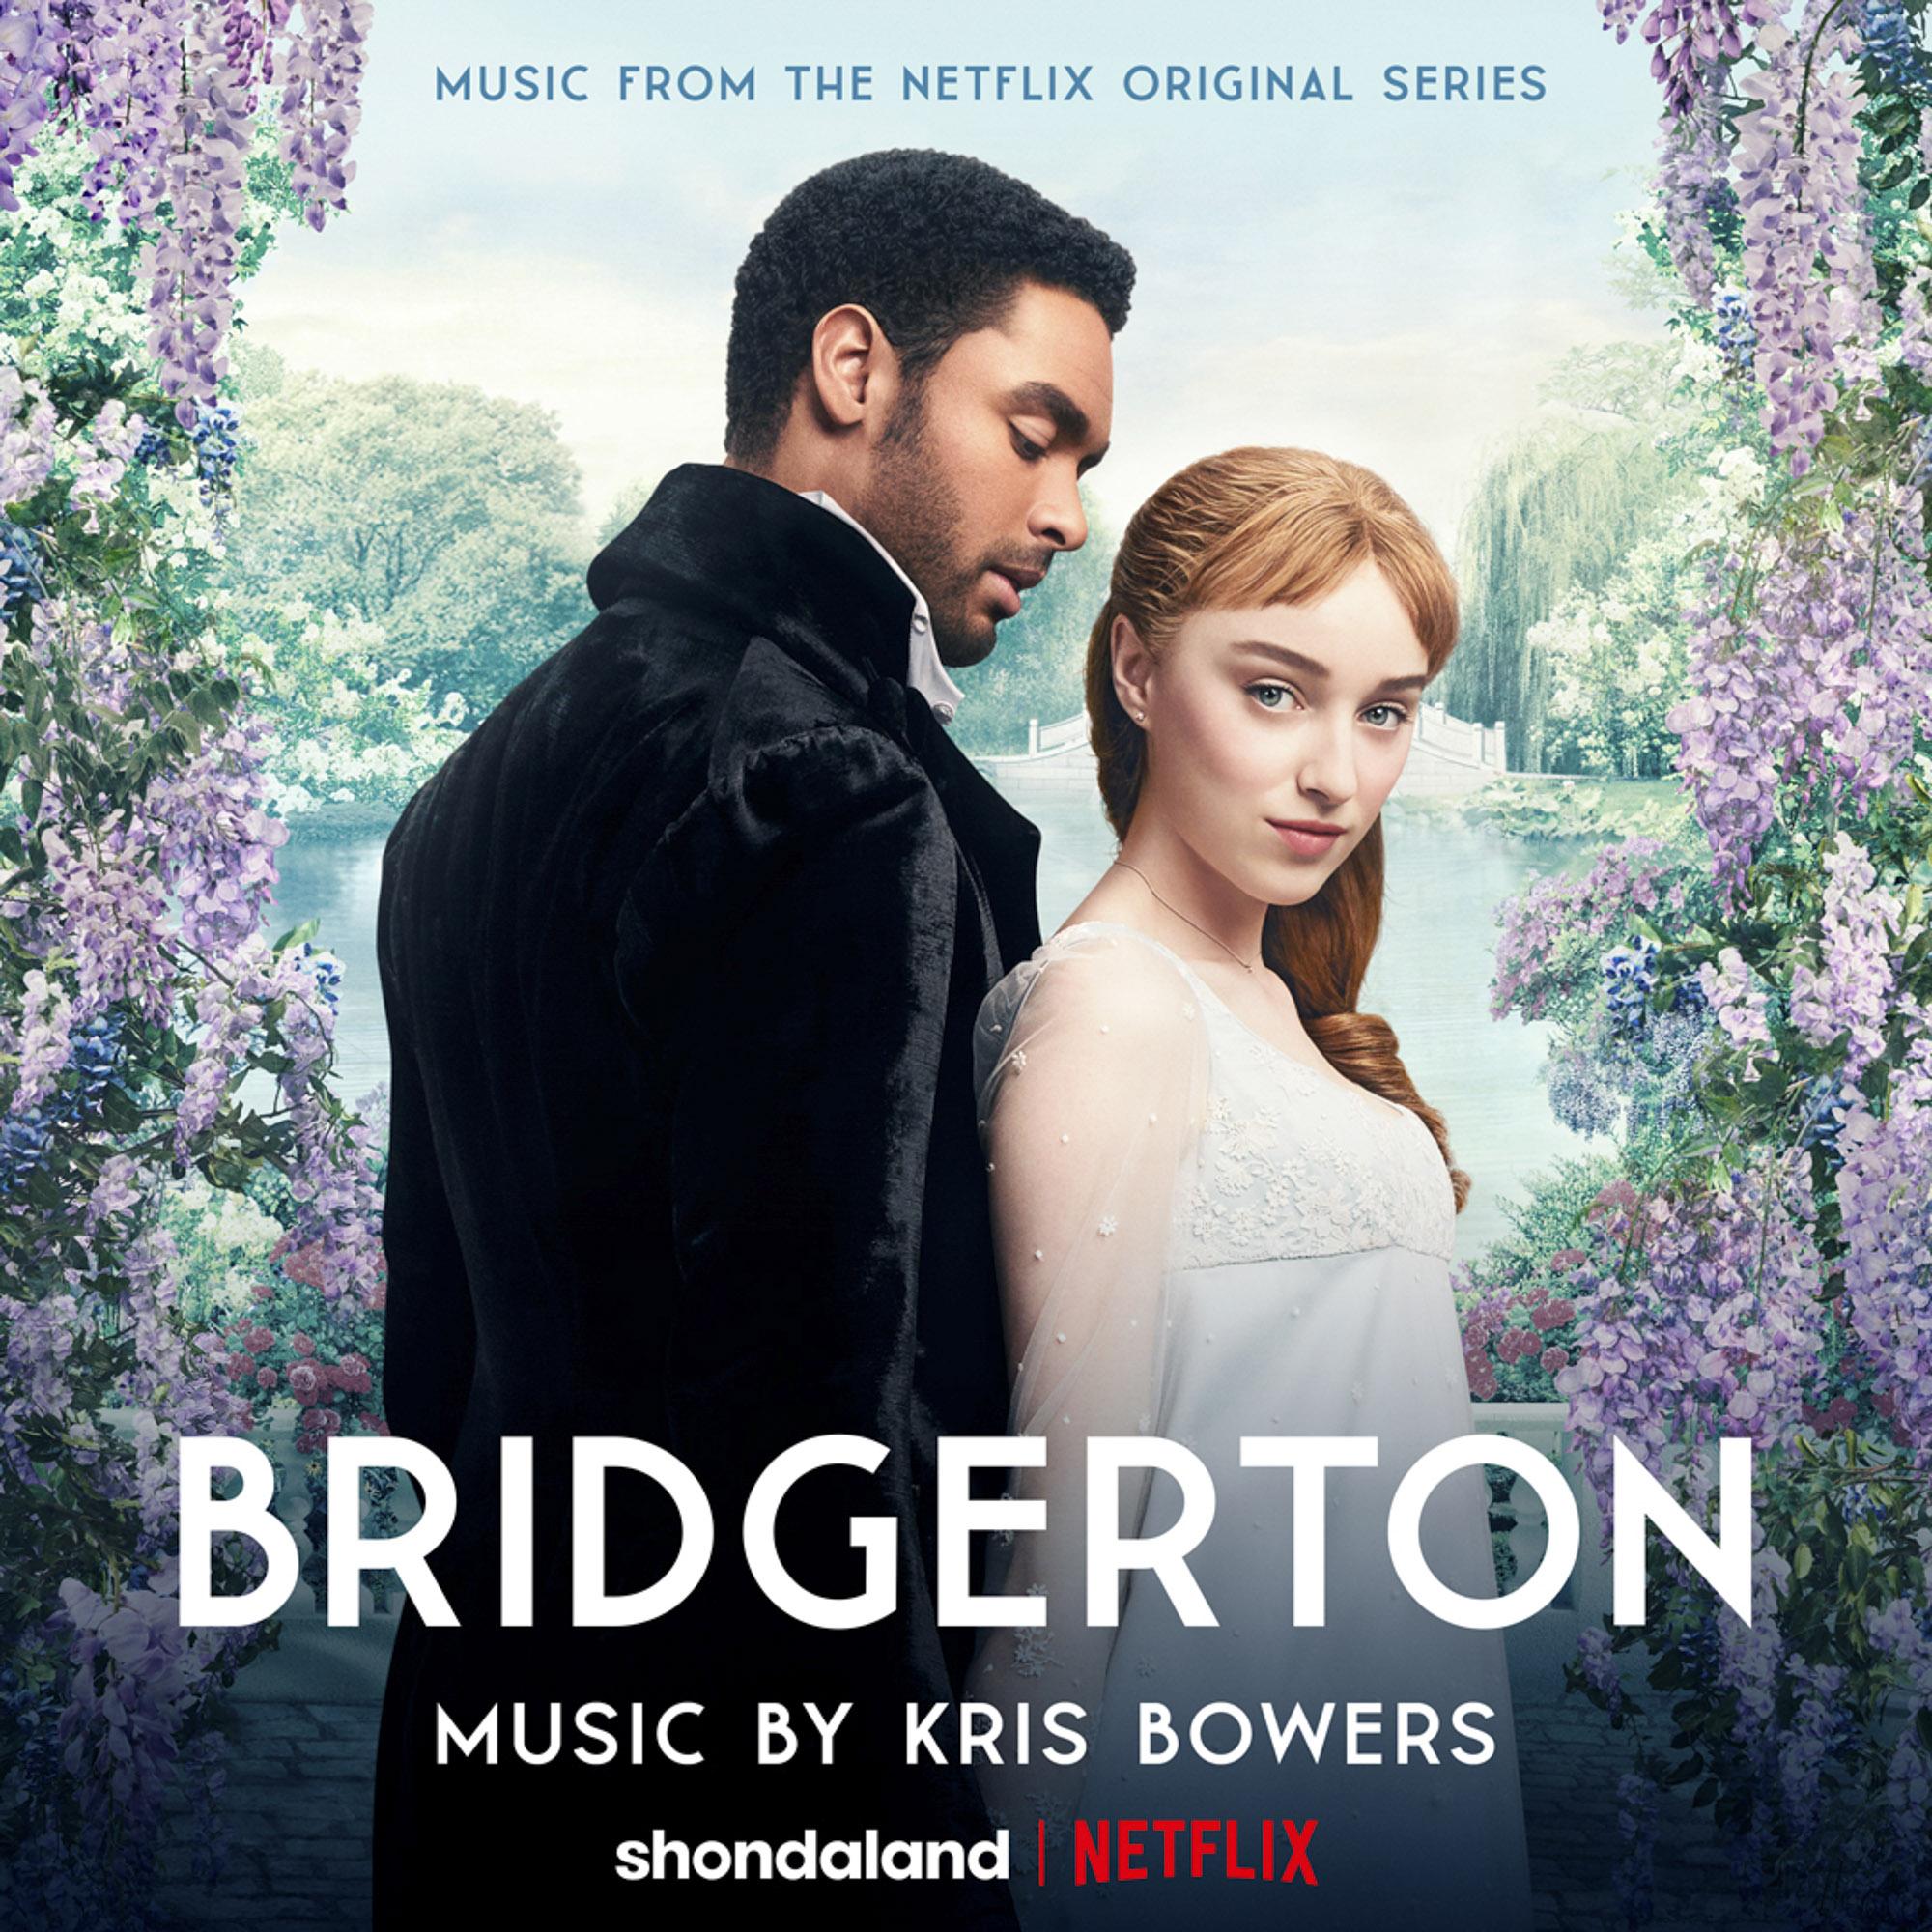 Bridgerton album art